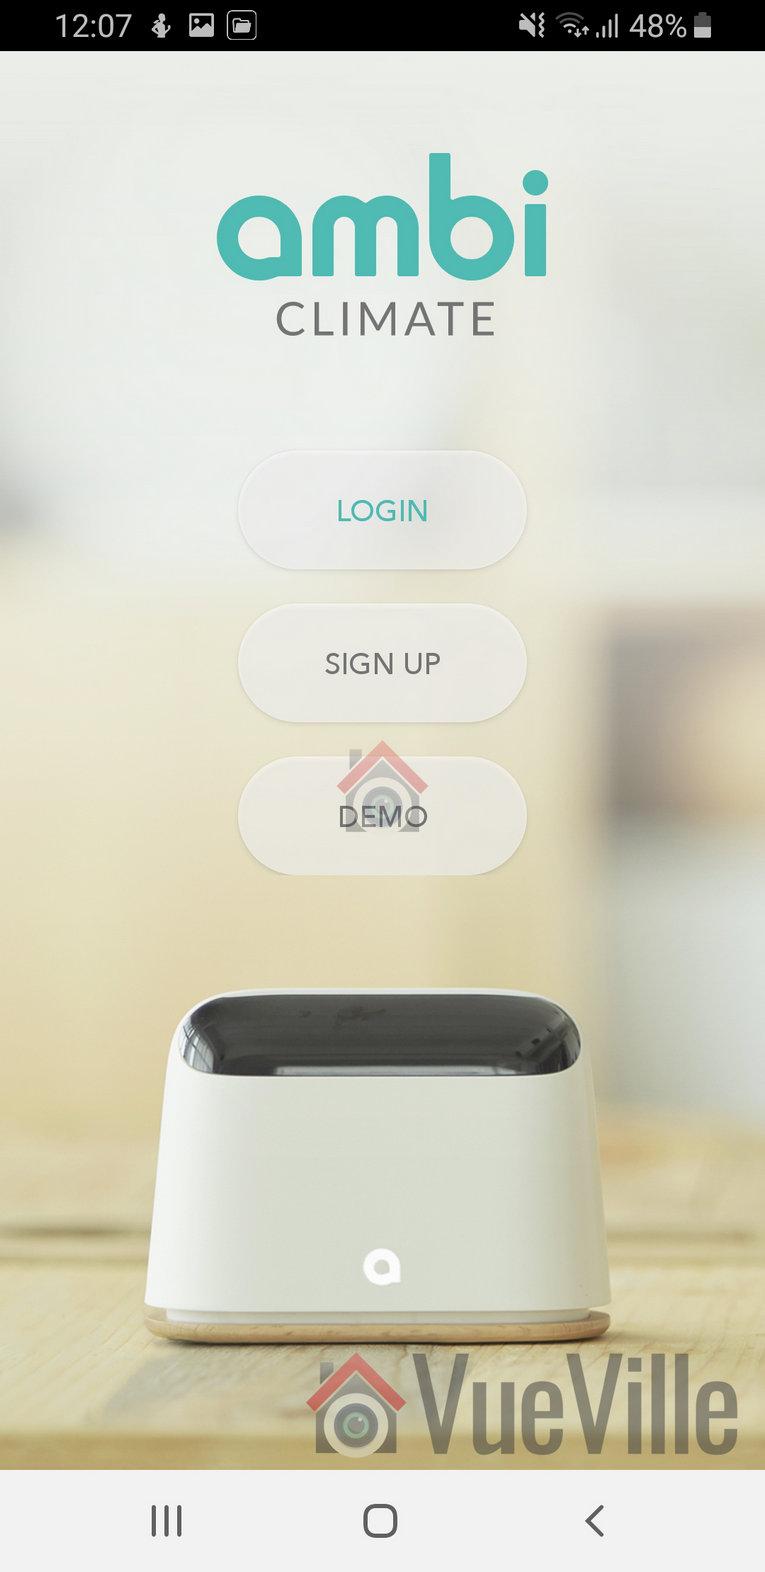 Ambi Climate Review - App Setup - VueVille